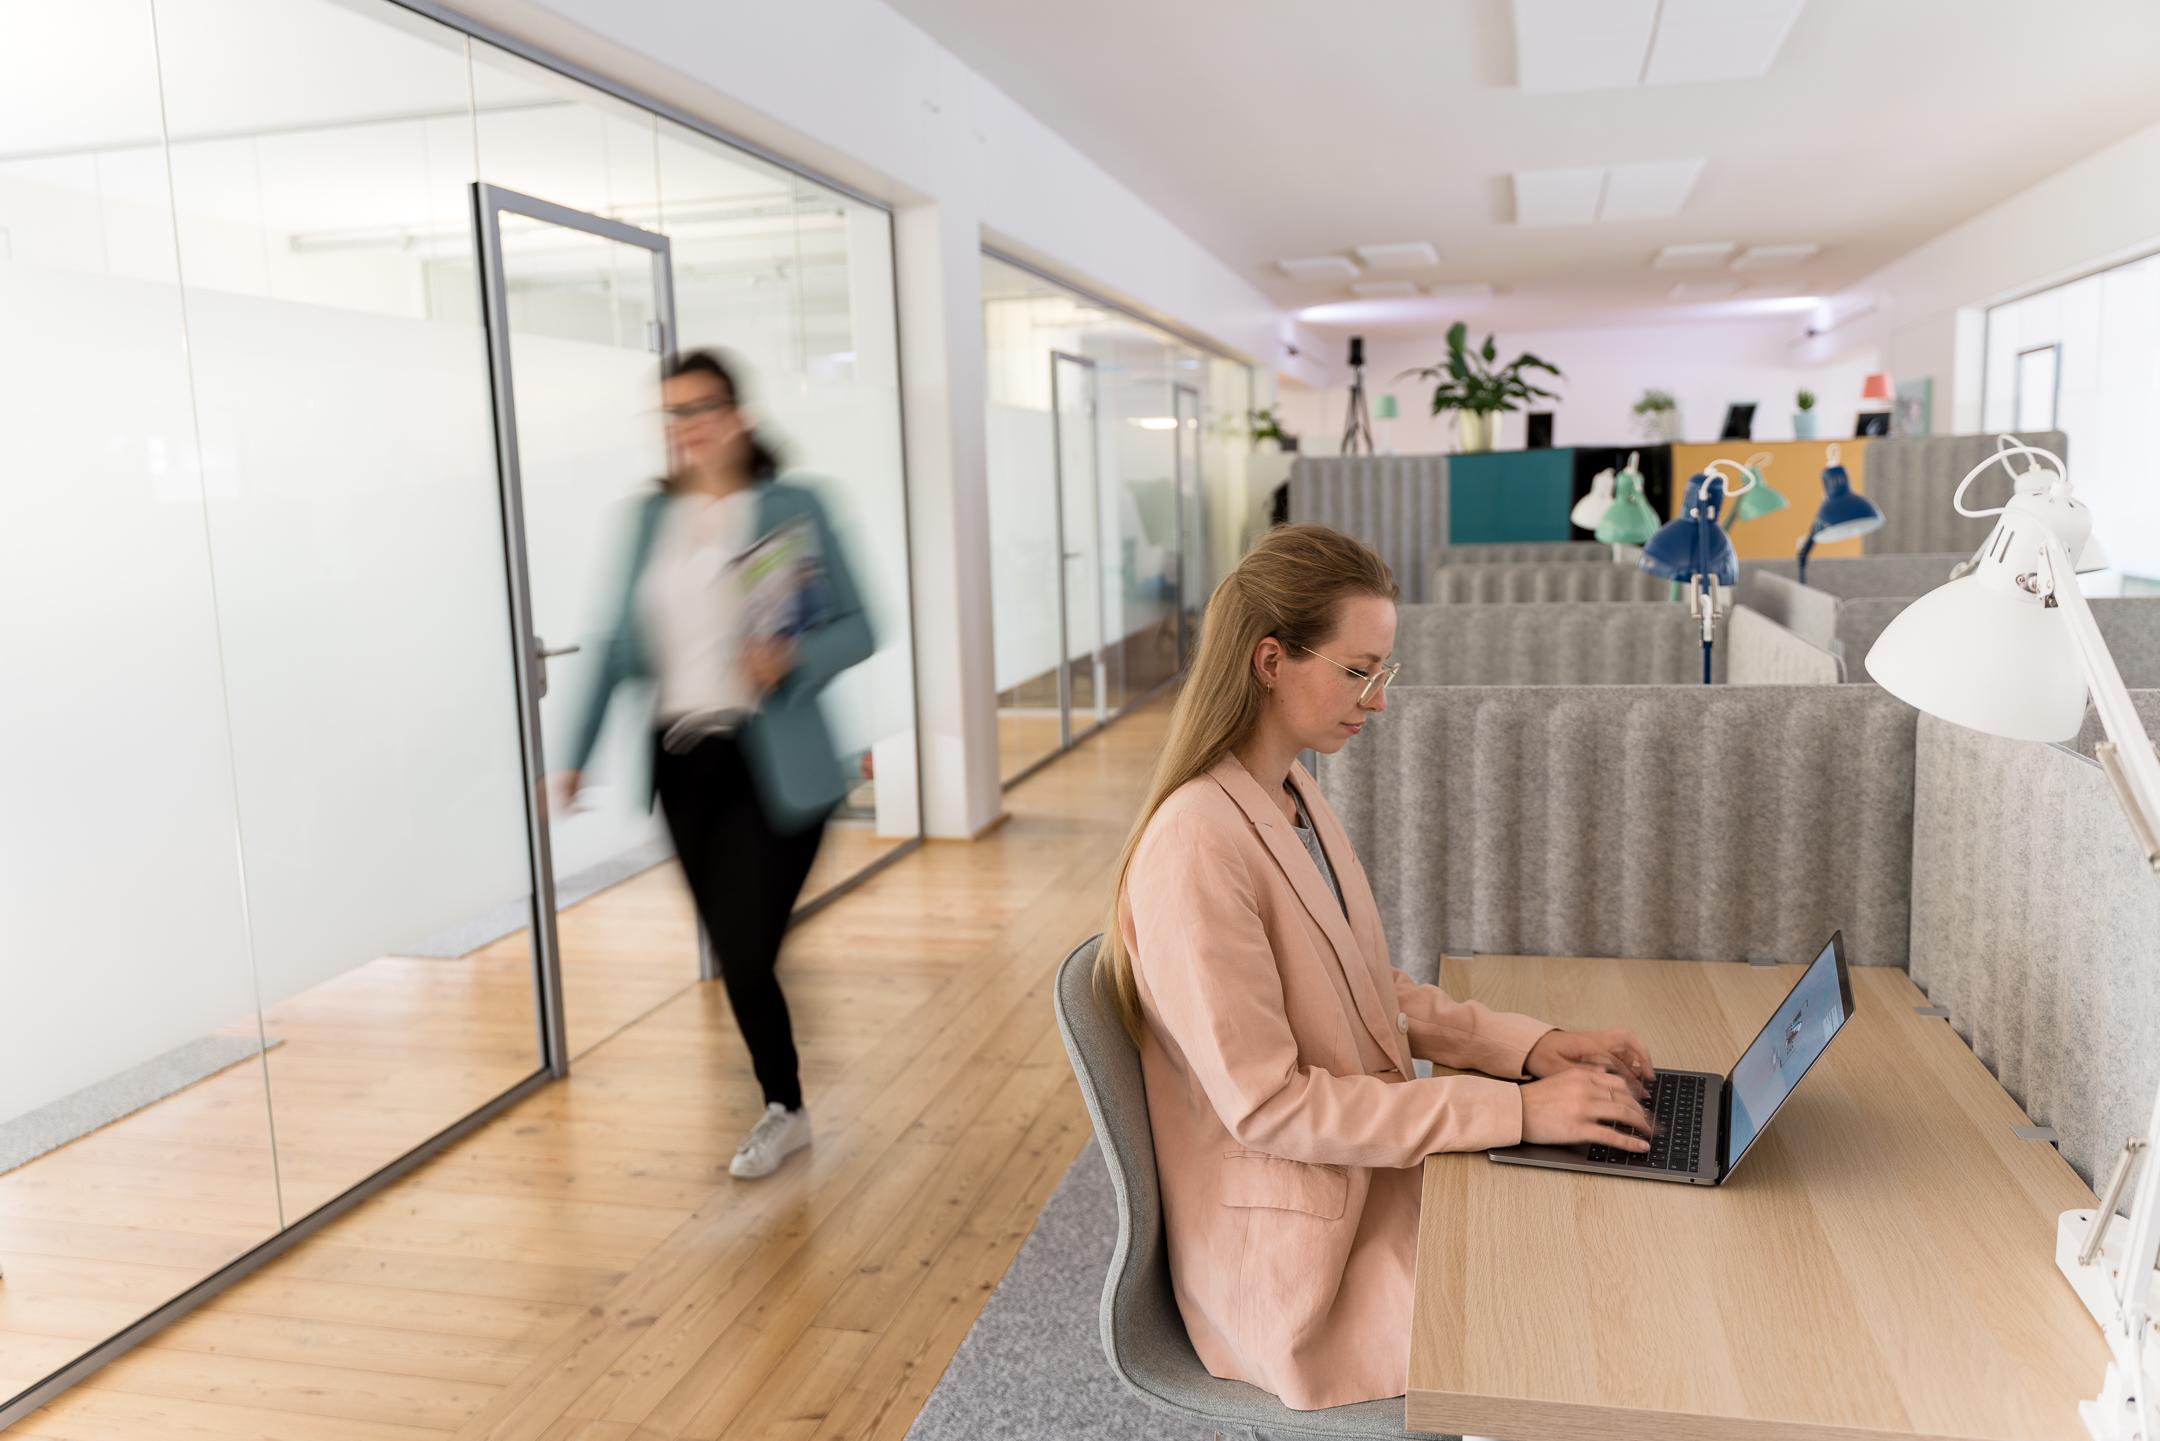 Work Kontor in Ahrensburg - Coworking Space mit Wohlfühlgarantie